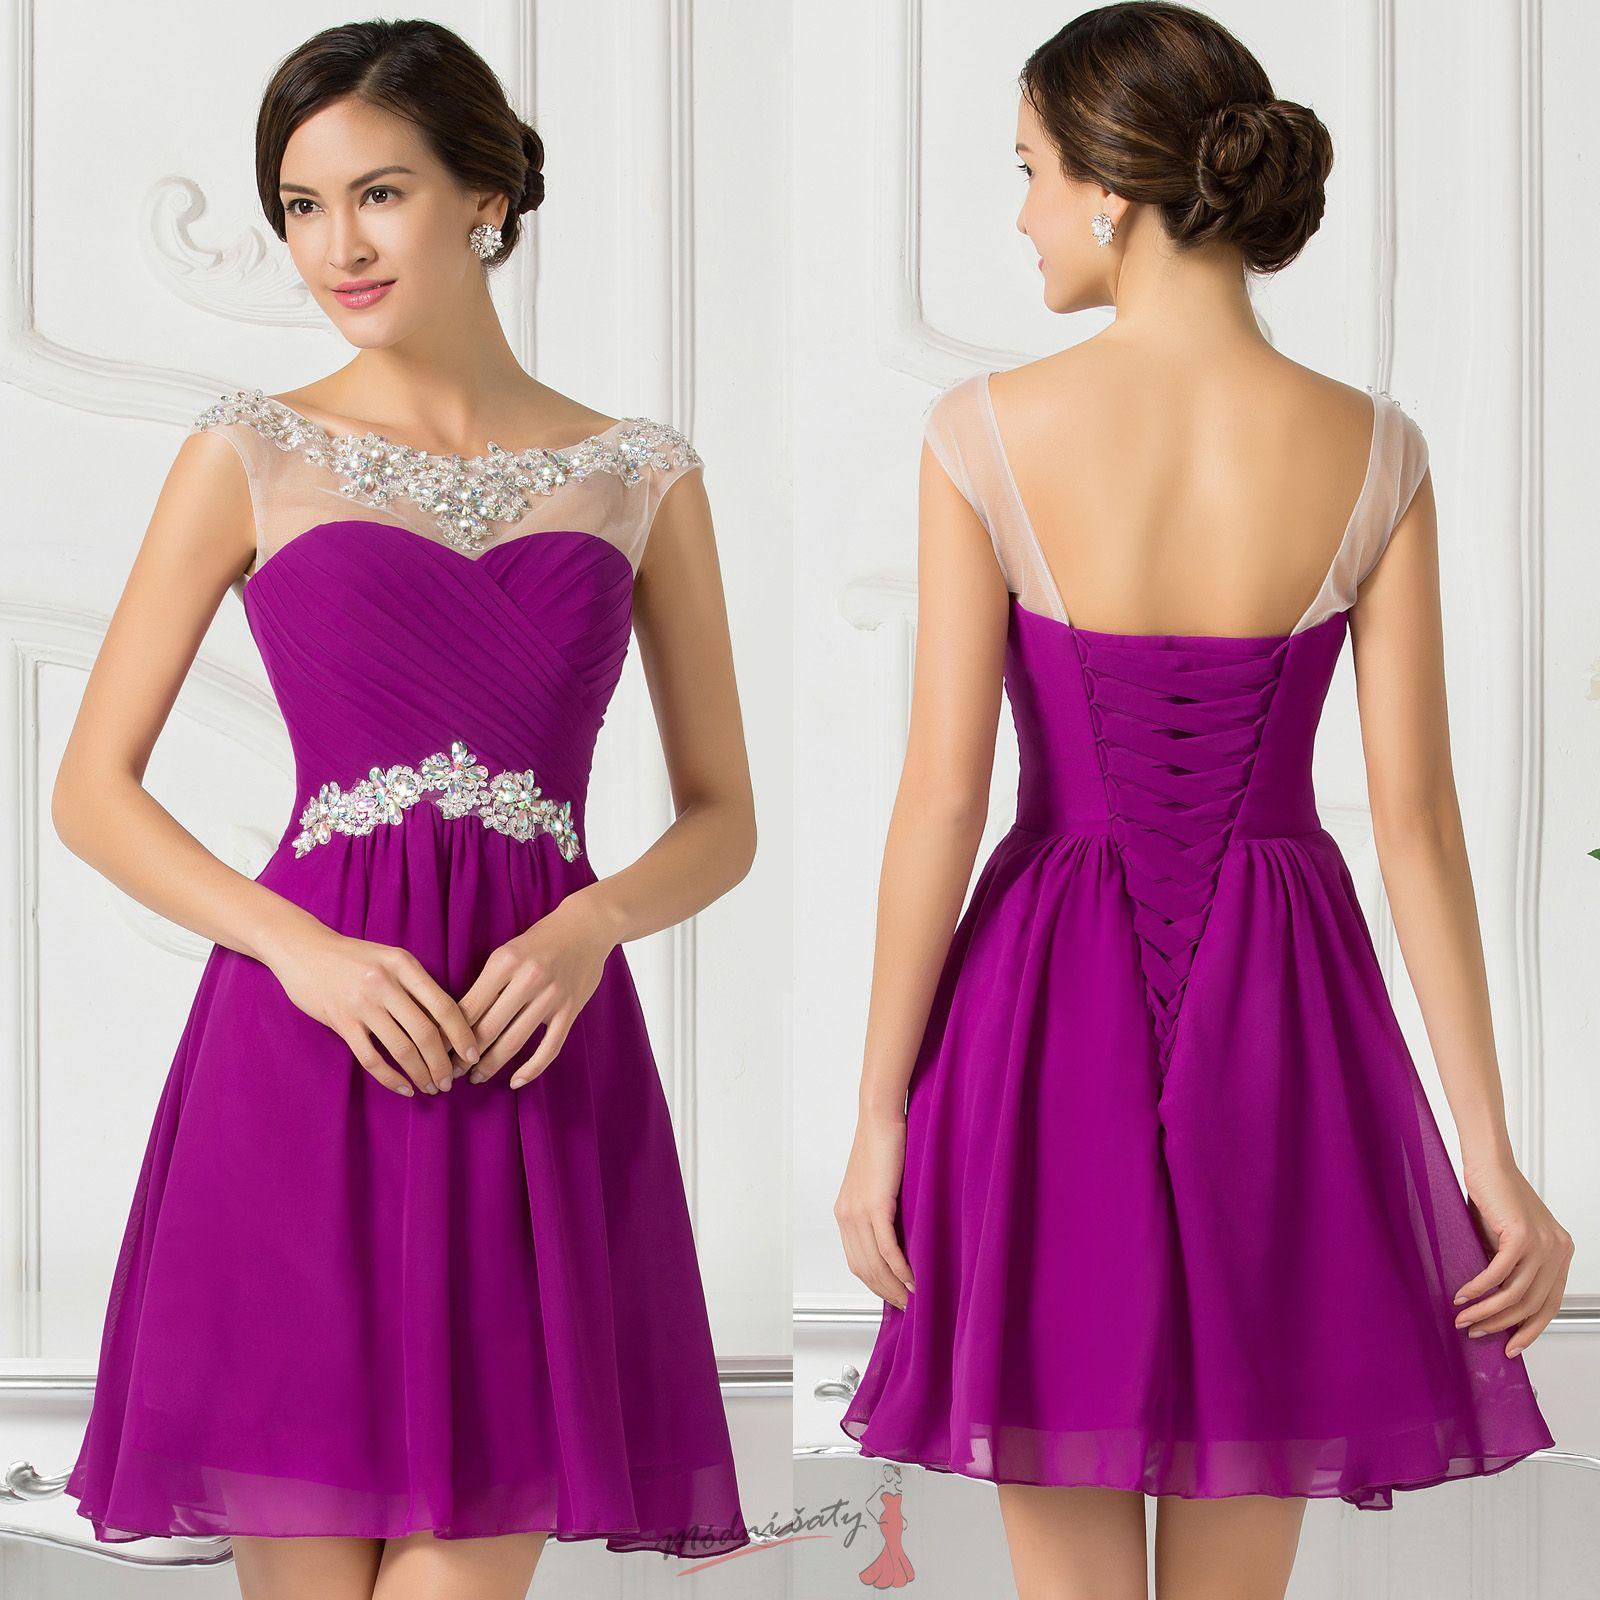 5e9fd4da98b2 Koktejlové šaty s průhledným živůtkem - více barev